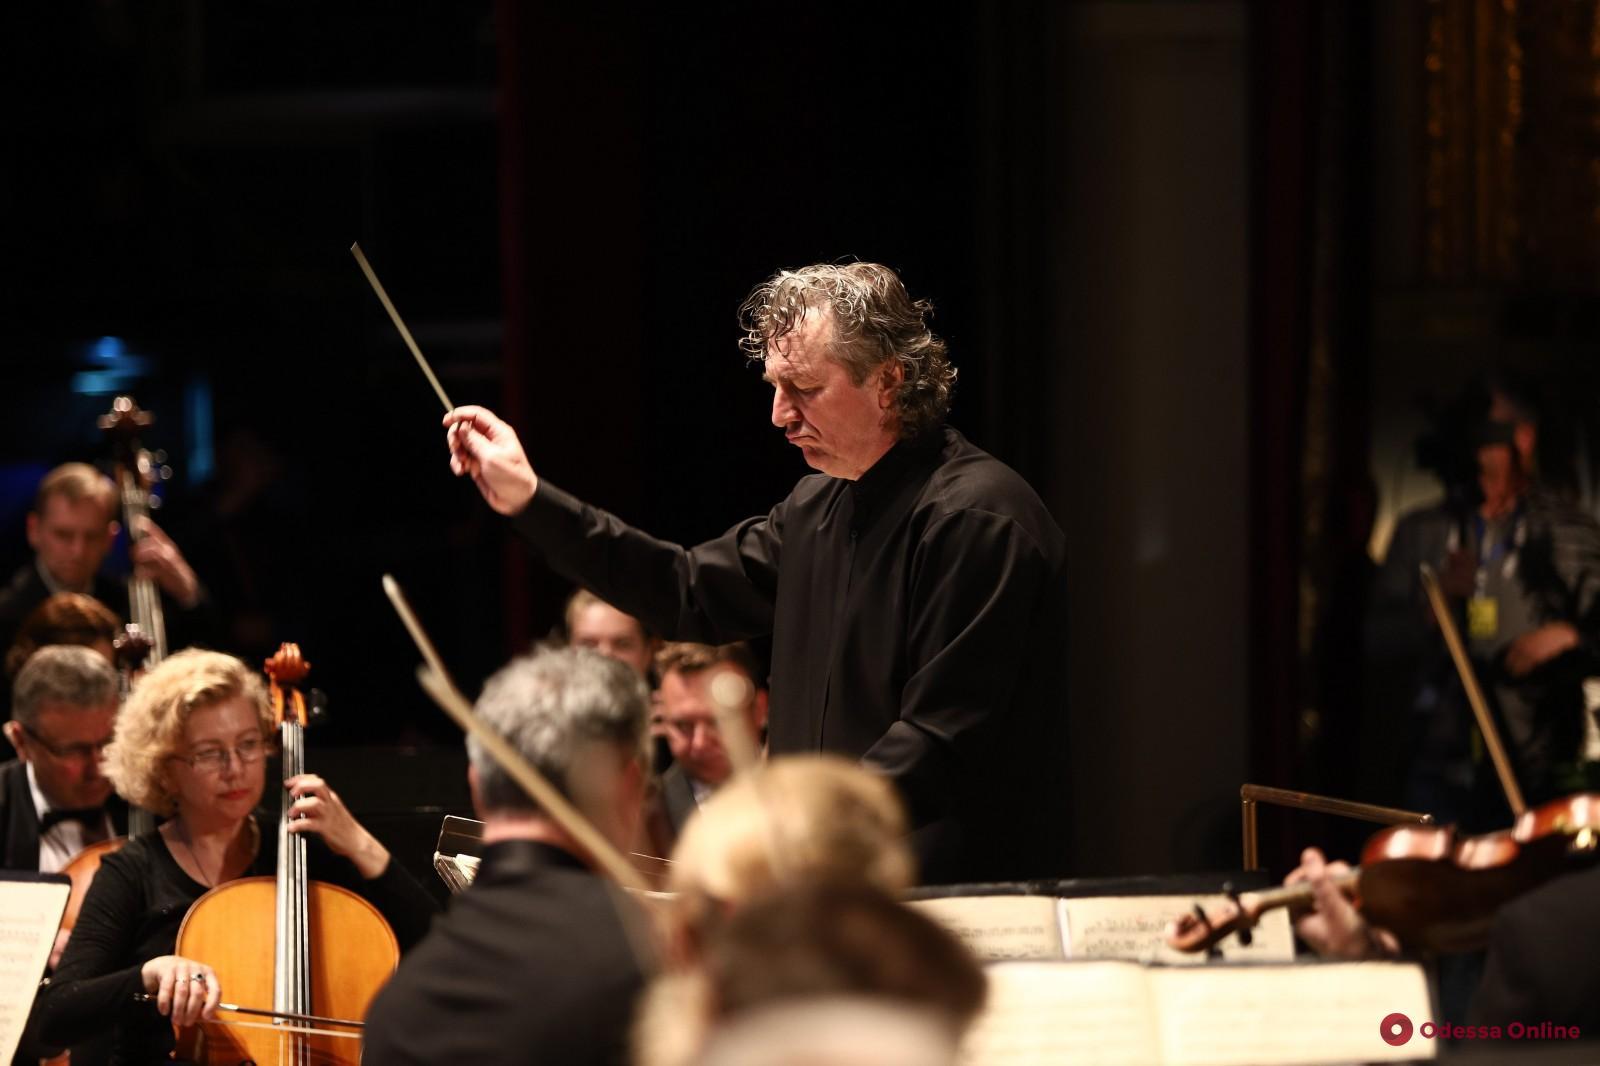 В Одессе открылся VII международный фестиваль классической музыки Odessa Classics